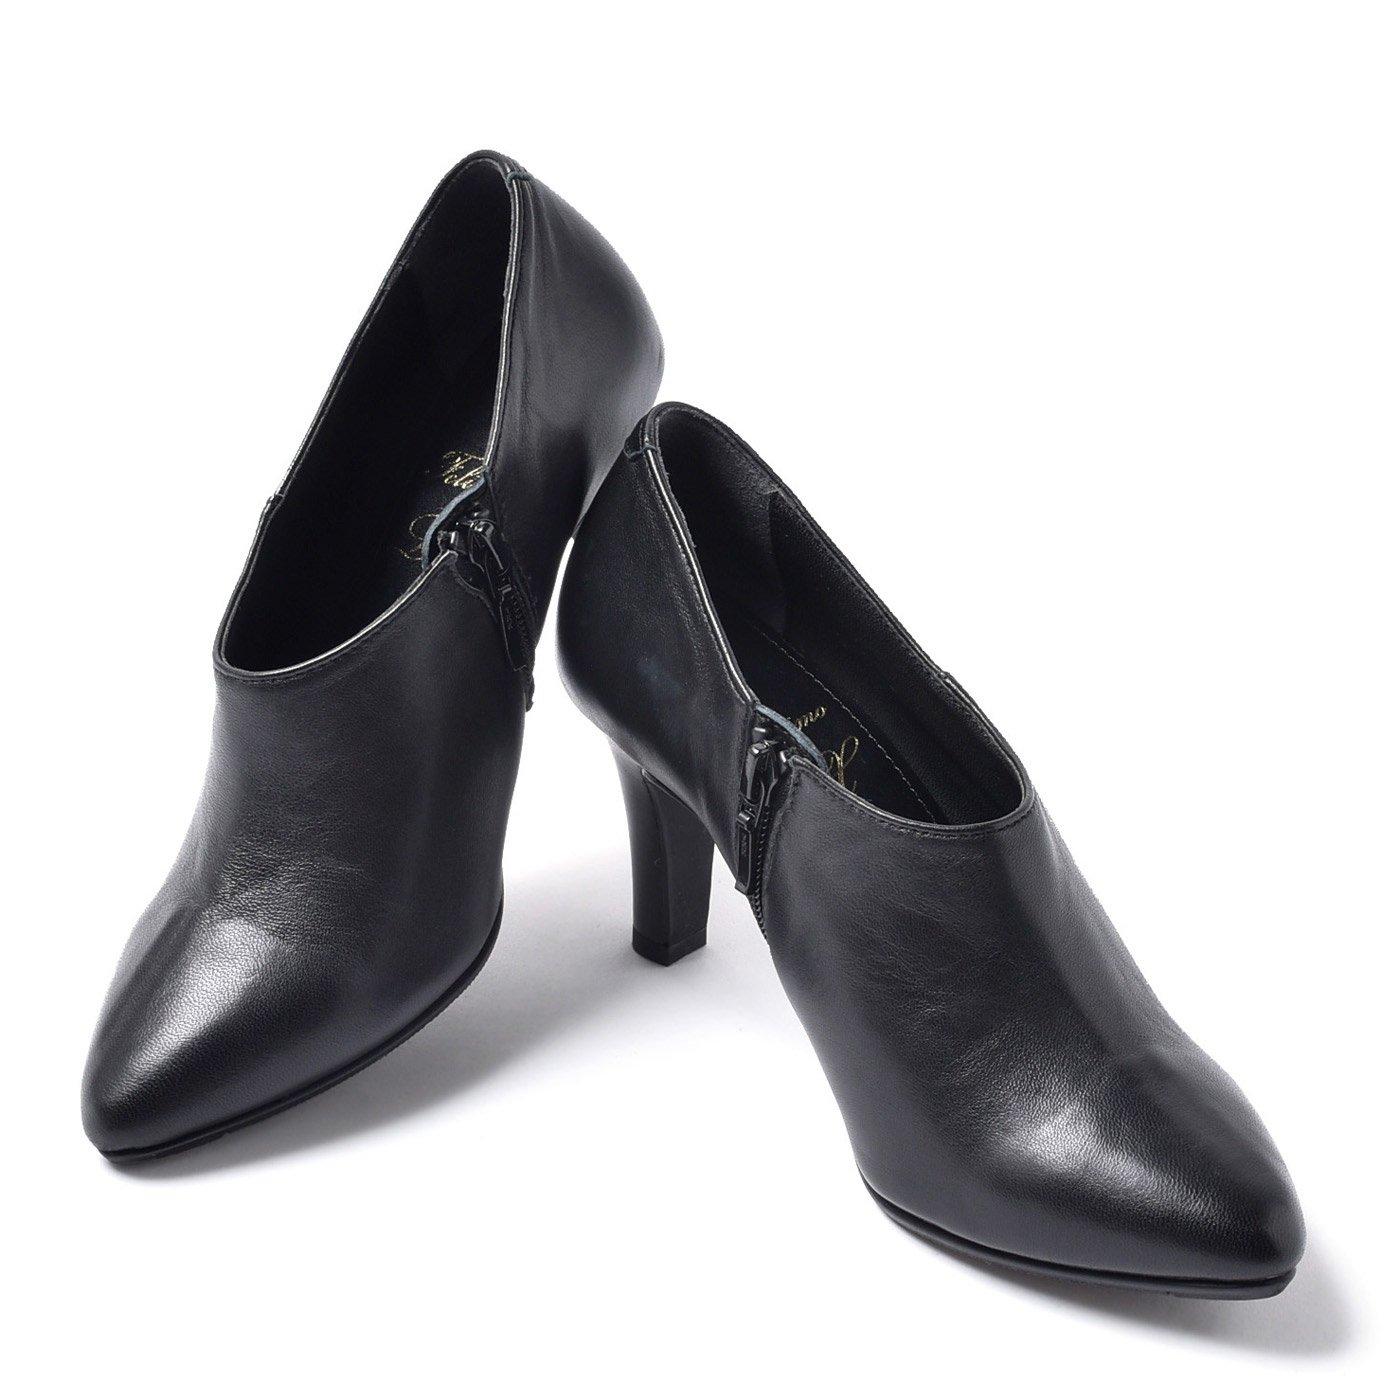 LX 3点サポートで美姿 毎日履きたくなる究極のブーティー〈ブラック〉